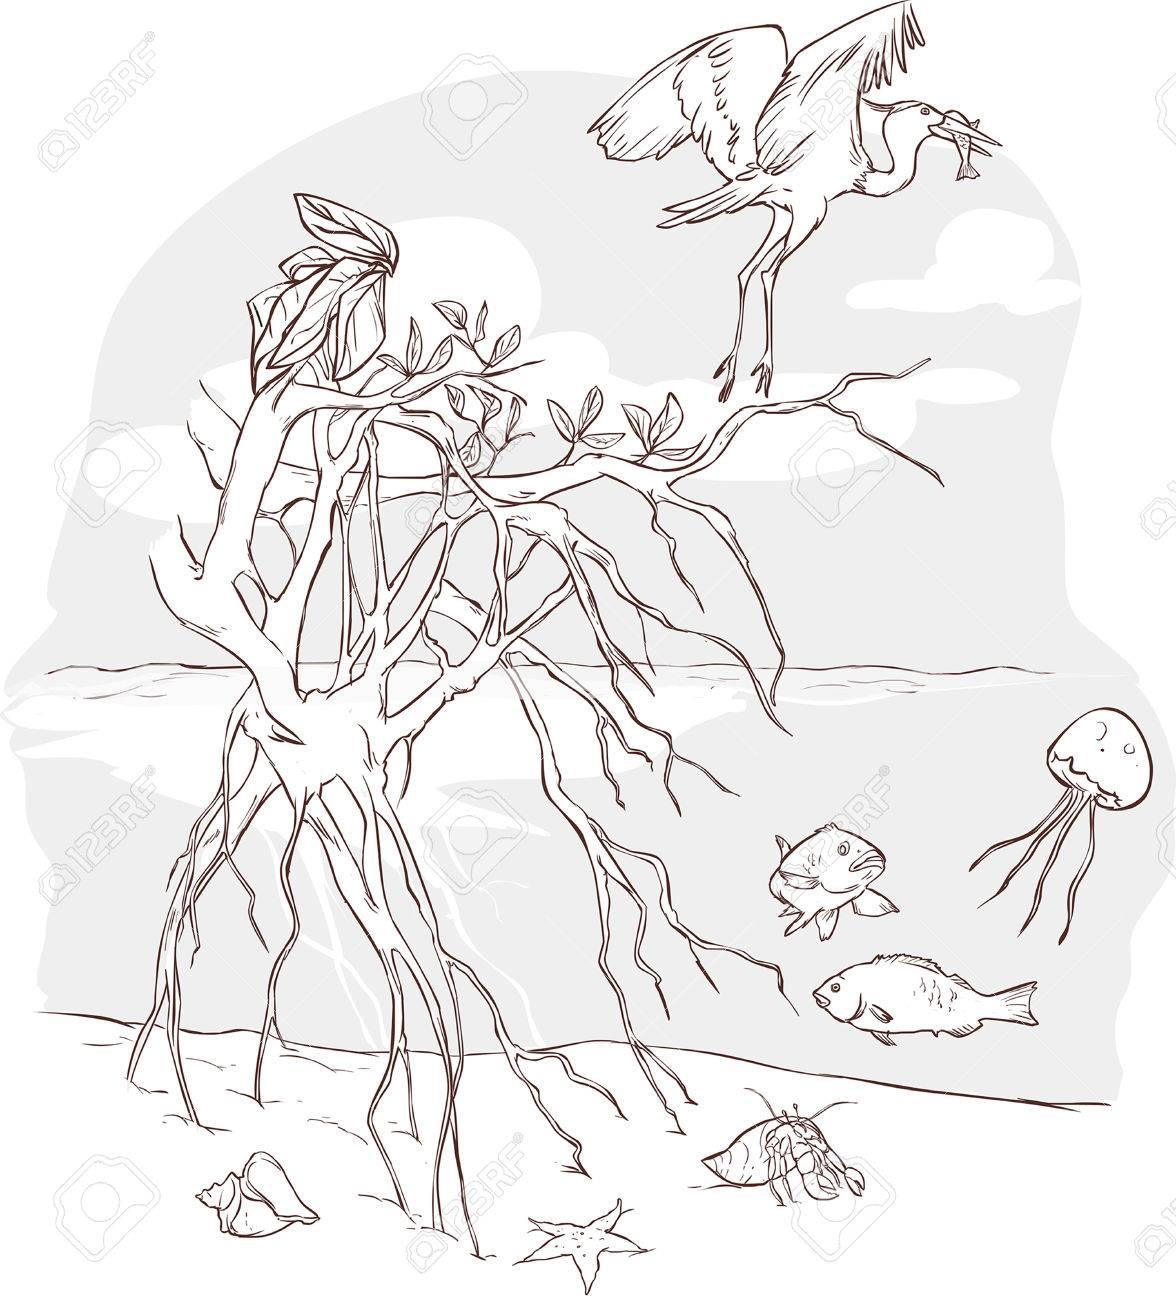 marine ecosystem diagram